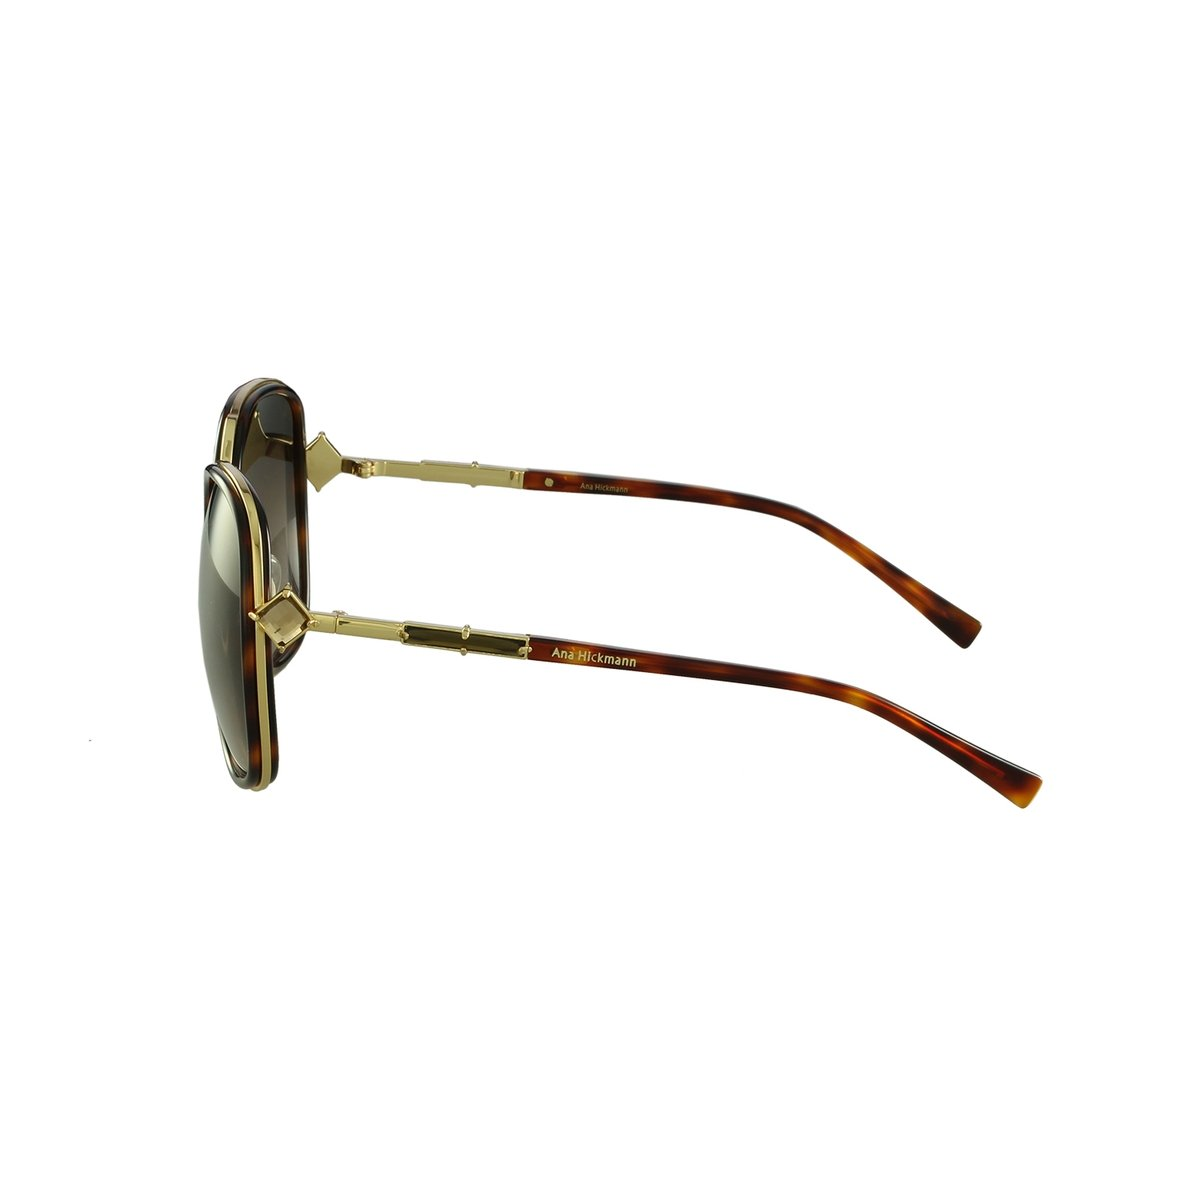 01ad299b0ea83 Óculos De Sol Ana Hickmann - Compre Agora   Netshoes